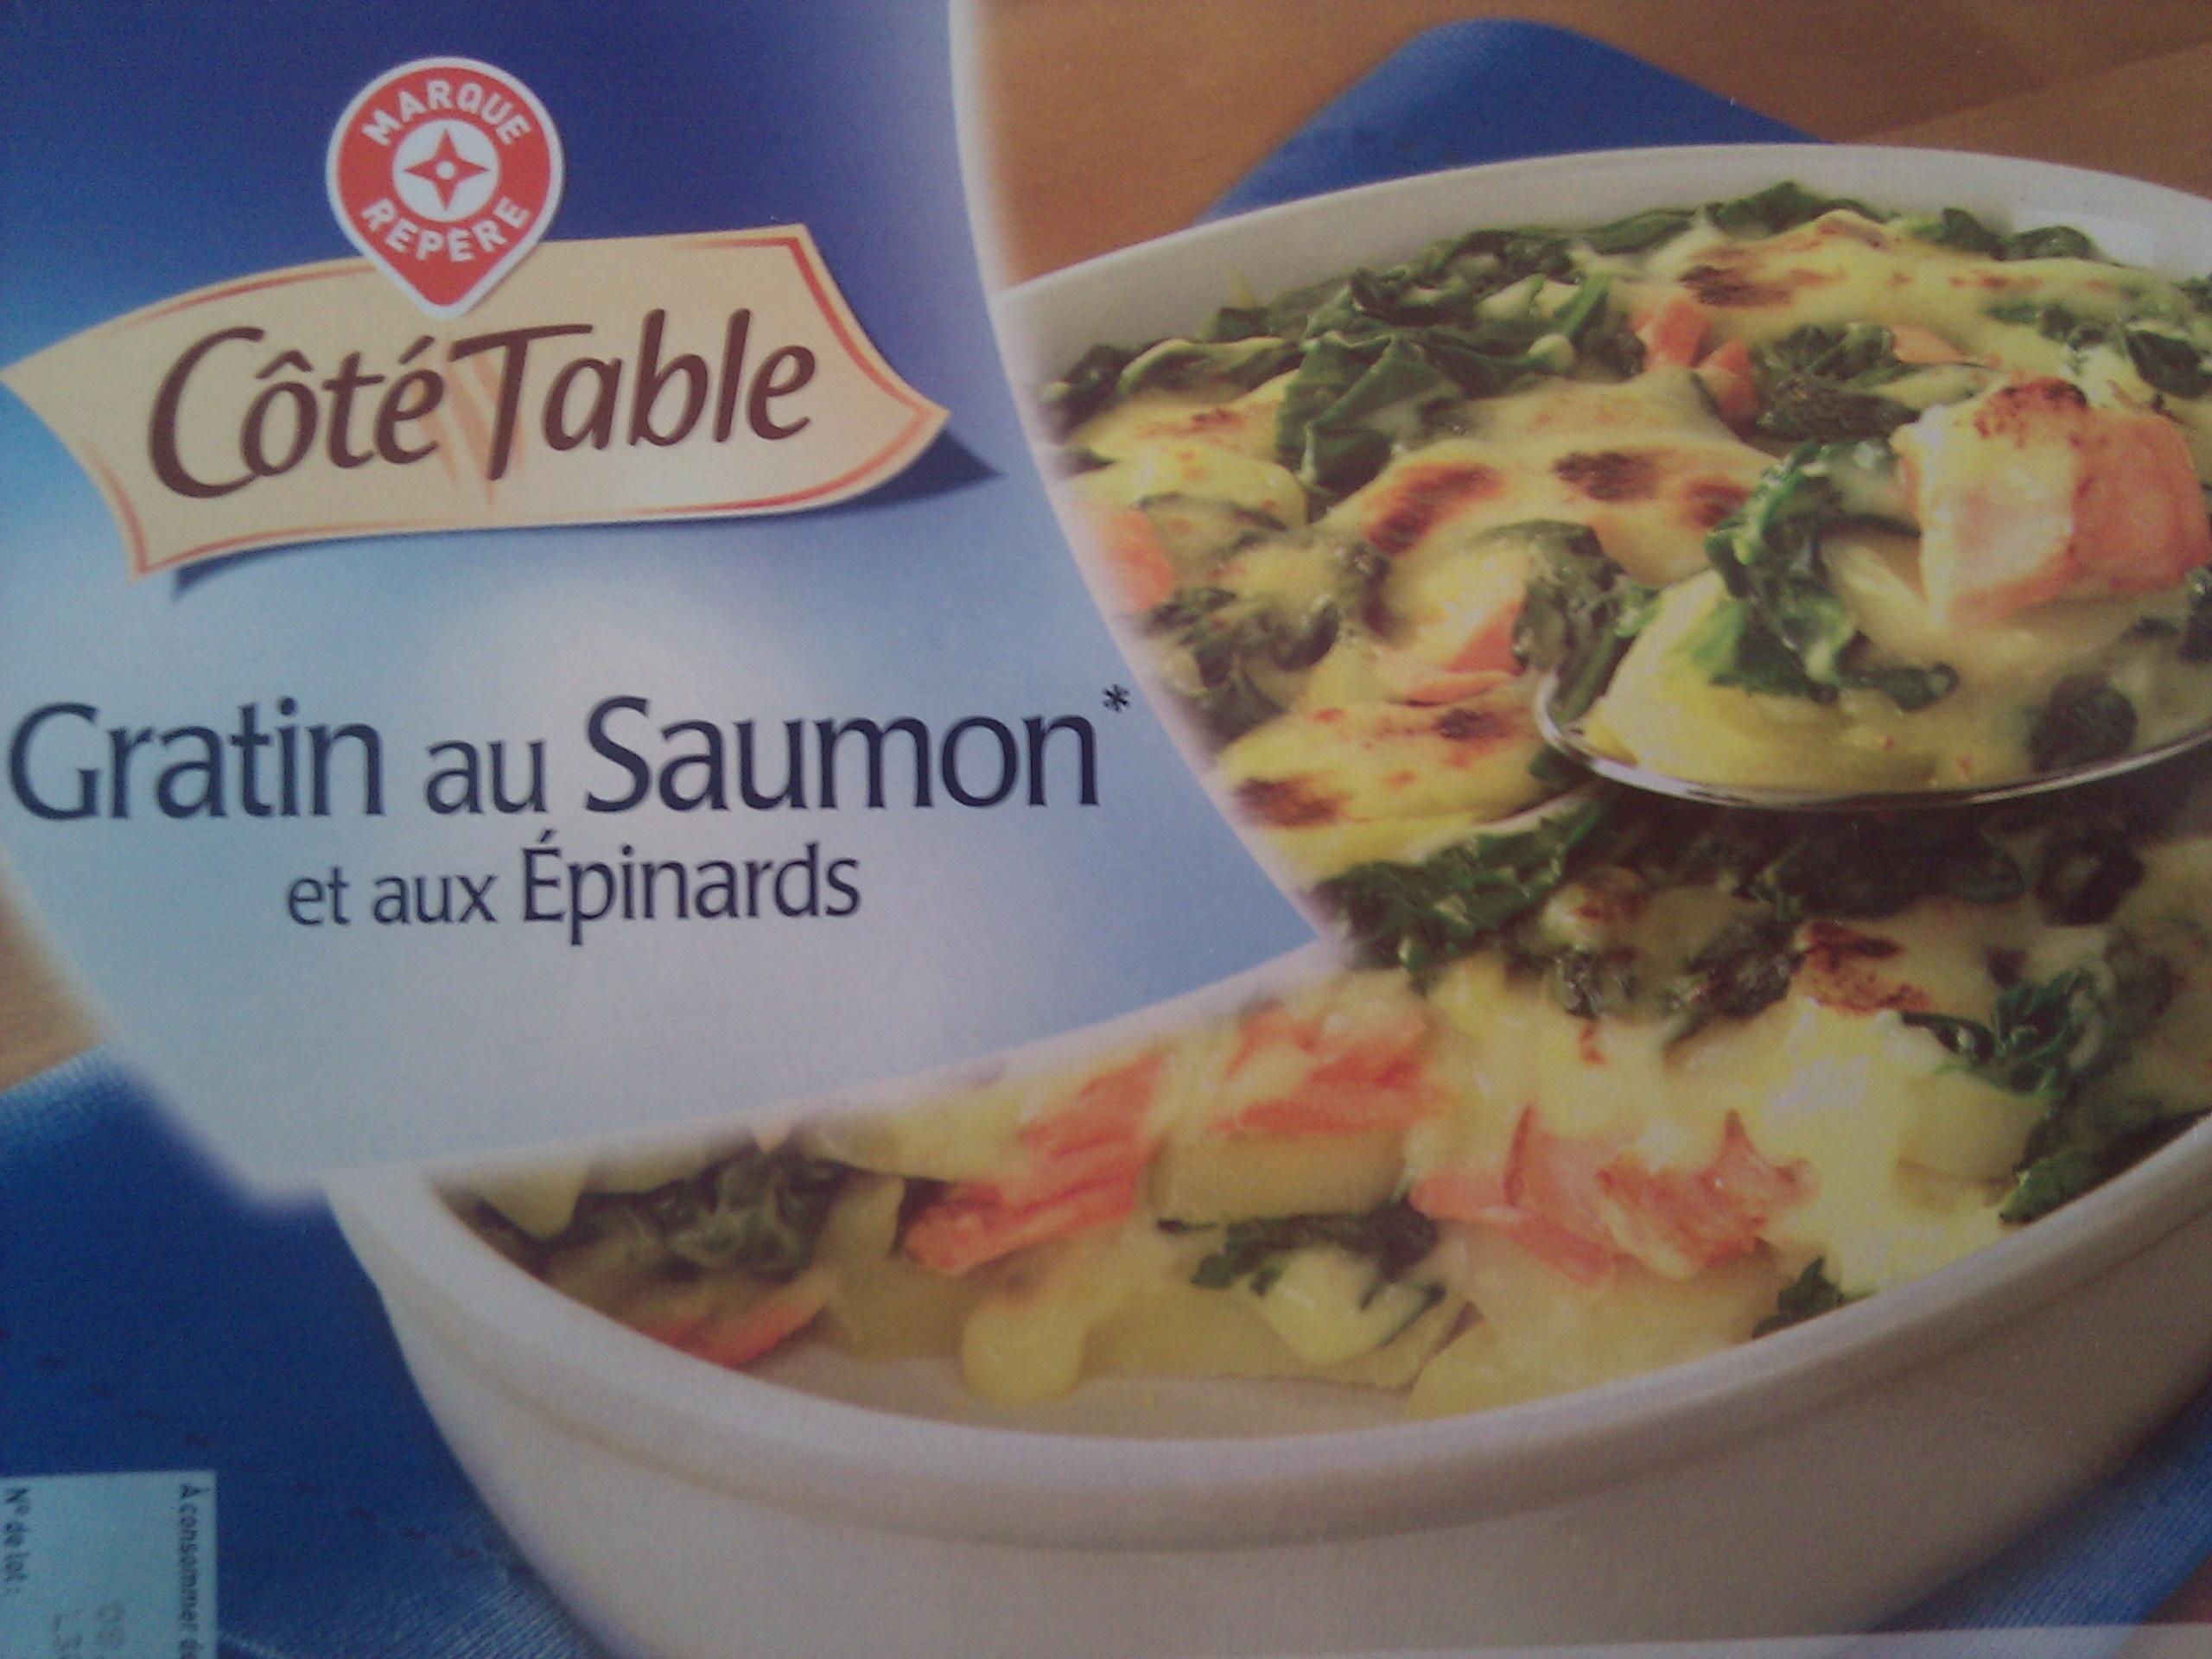 Gratin de saumon épinards pomme de terre - Produit